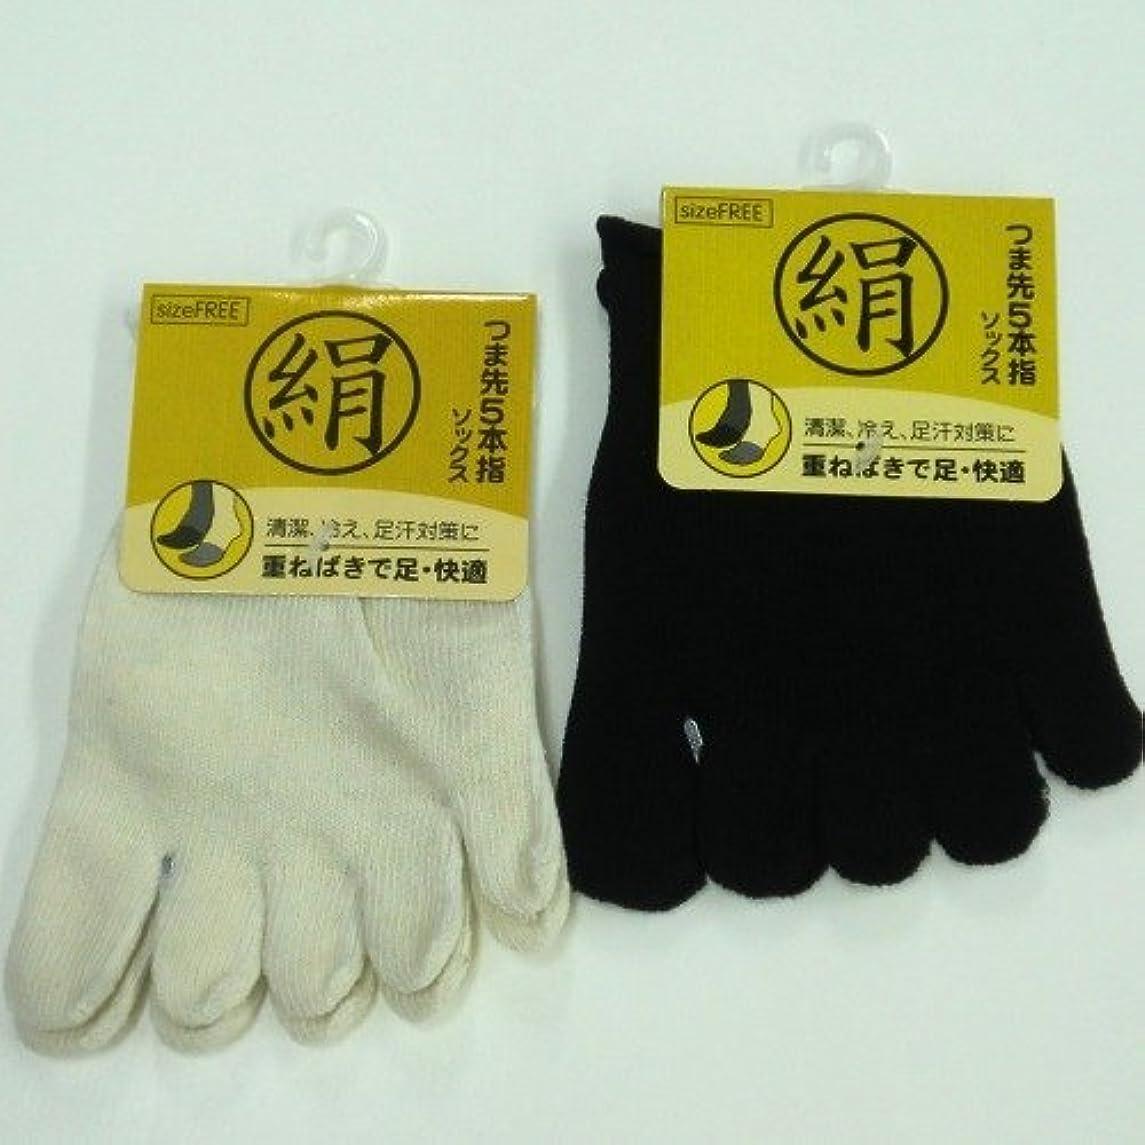 の中でいらいらする基礎理論シルク 5本指ハーフソックス 足指カバー 天然素材絹で抗菌防臭 3足組 (色はお任せ)